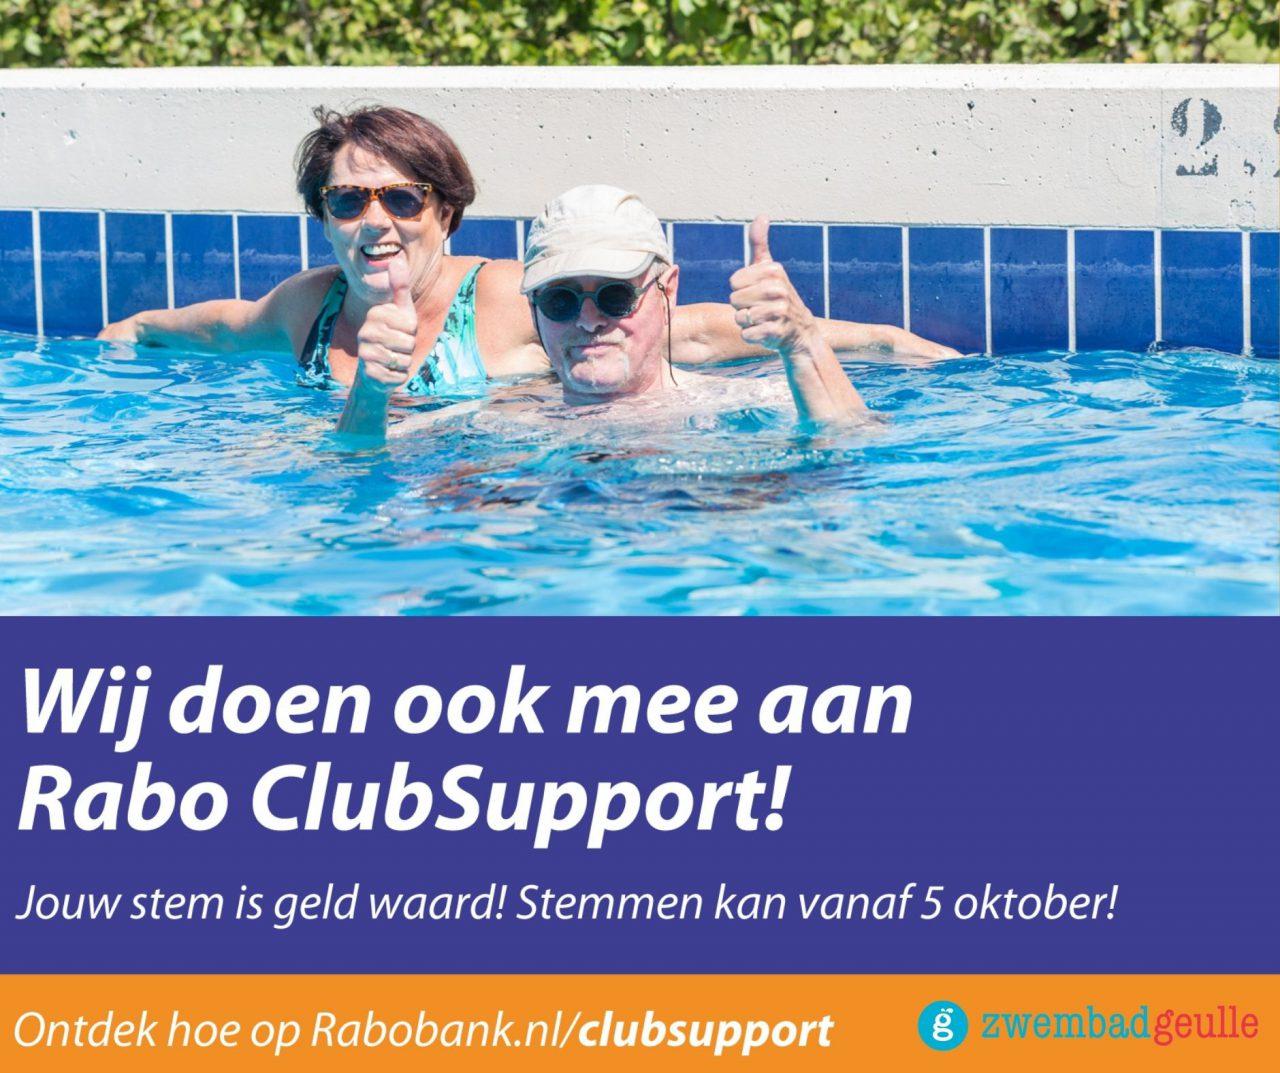 Kopie-van-Rabo-clubsupport-Facebook-1280x1073.jpg